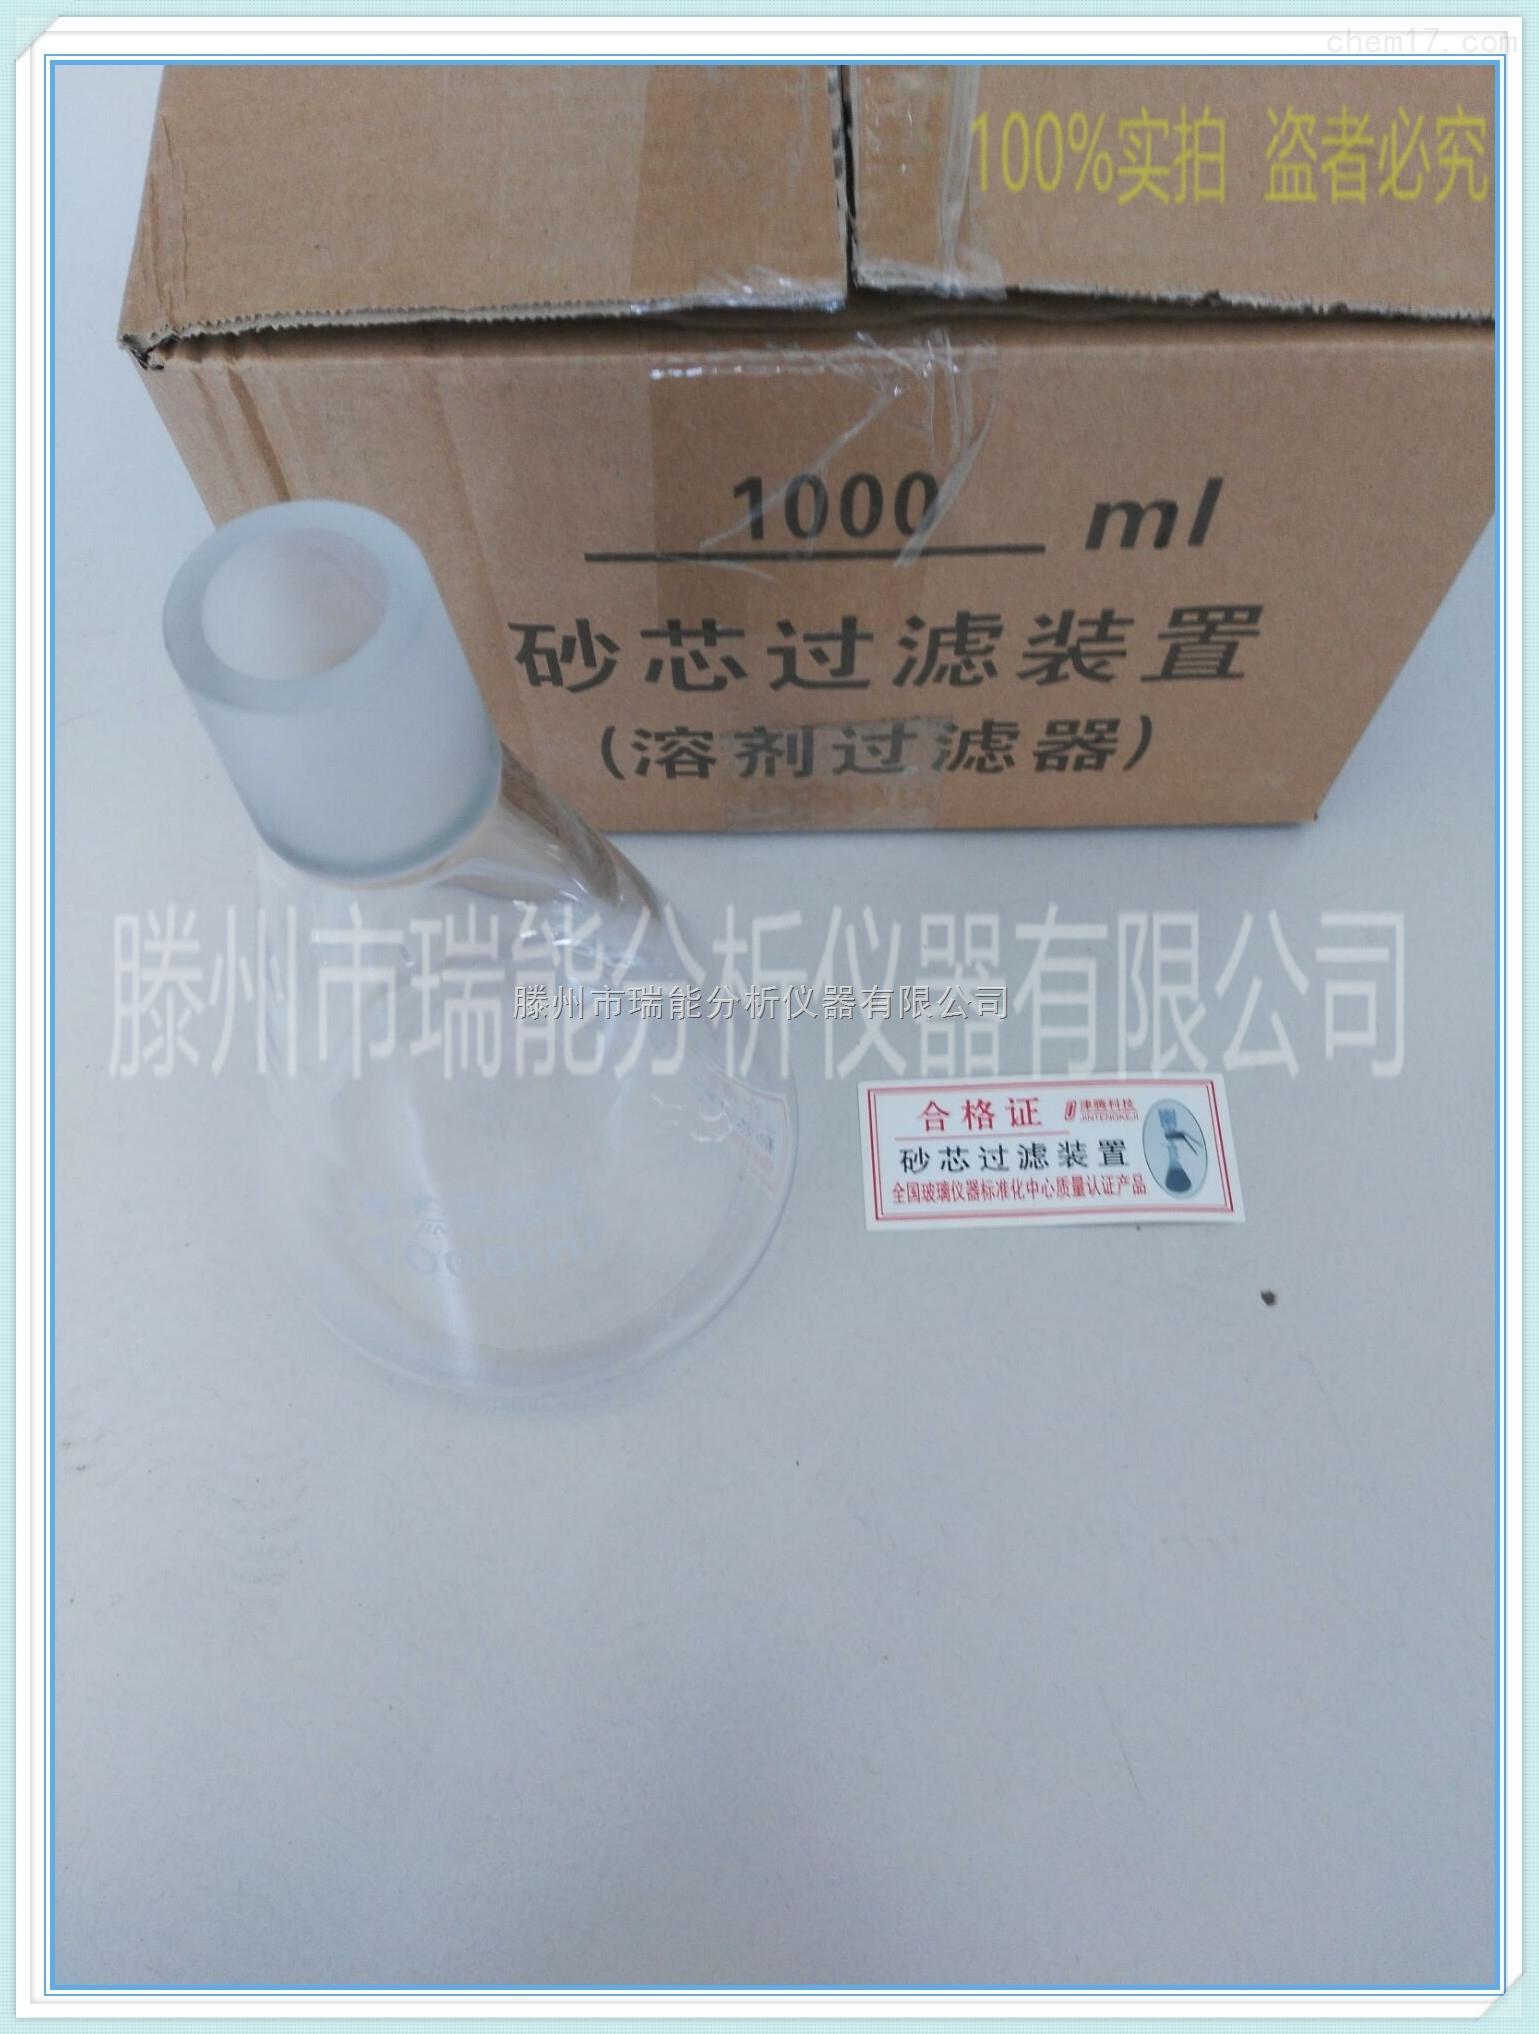 特价 1000ml砂芯过滤装置配套1L过滤瓶 溶剂过滤器 1升锥形瓶